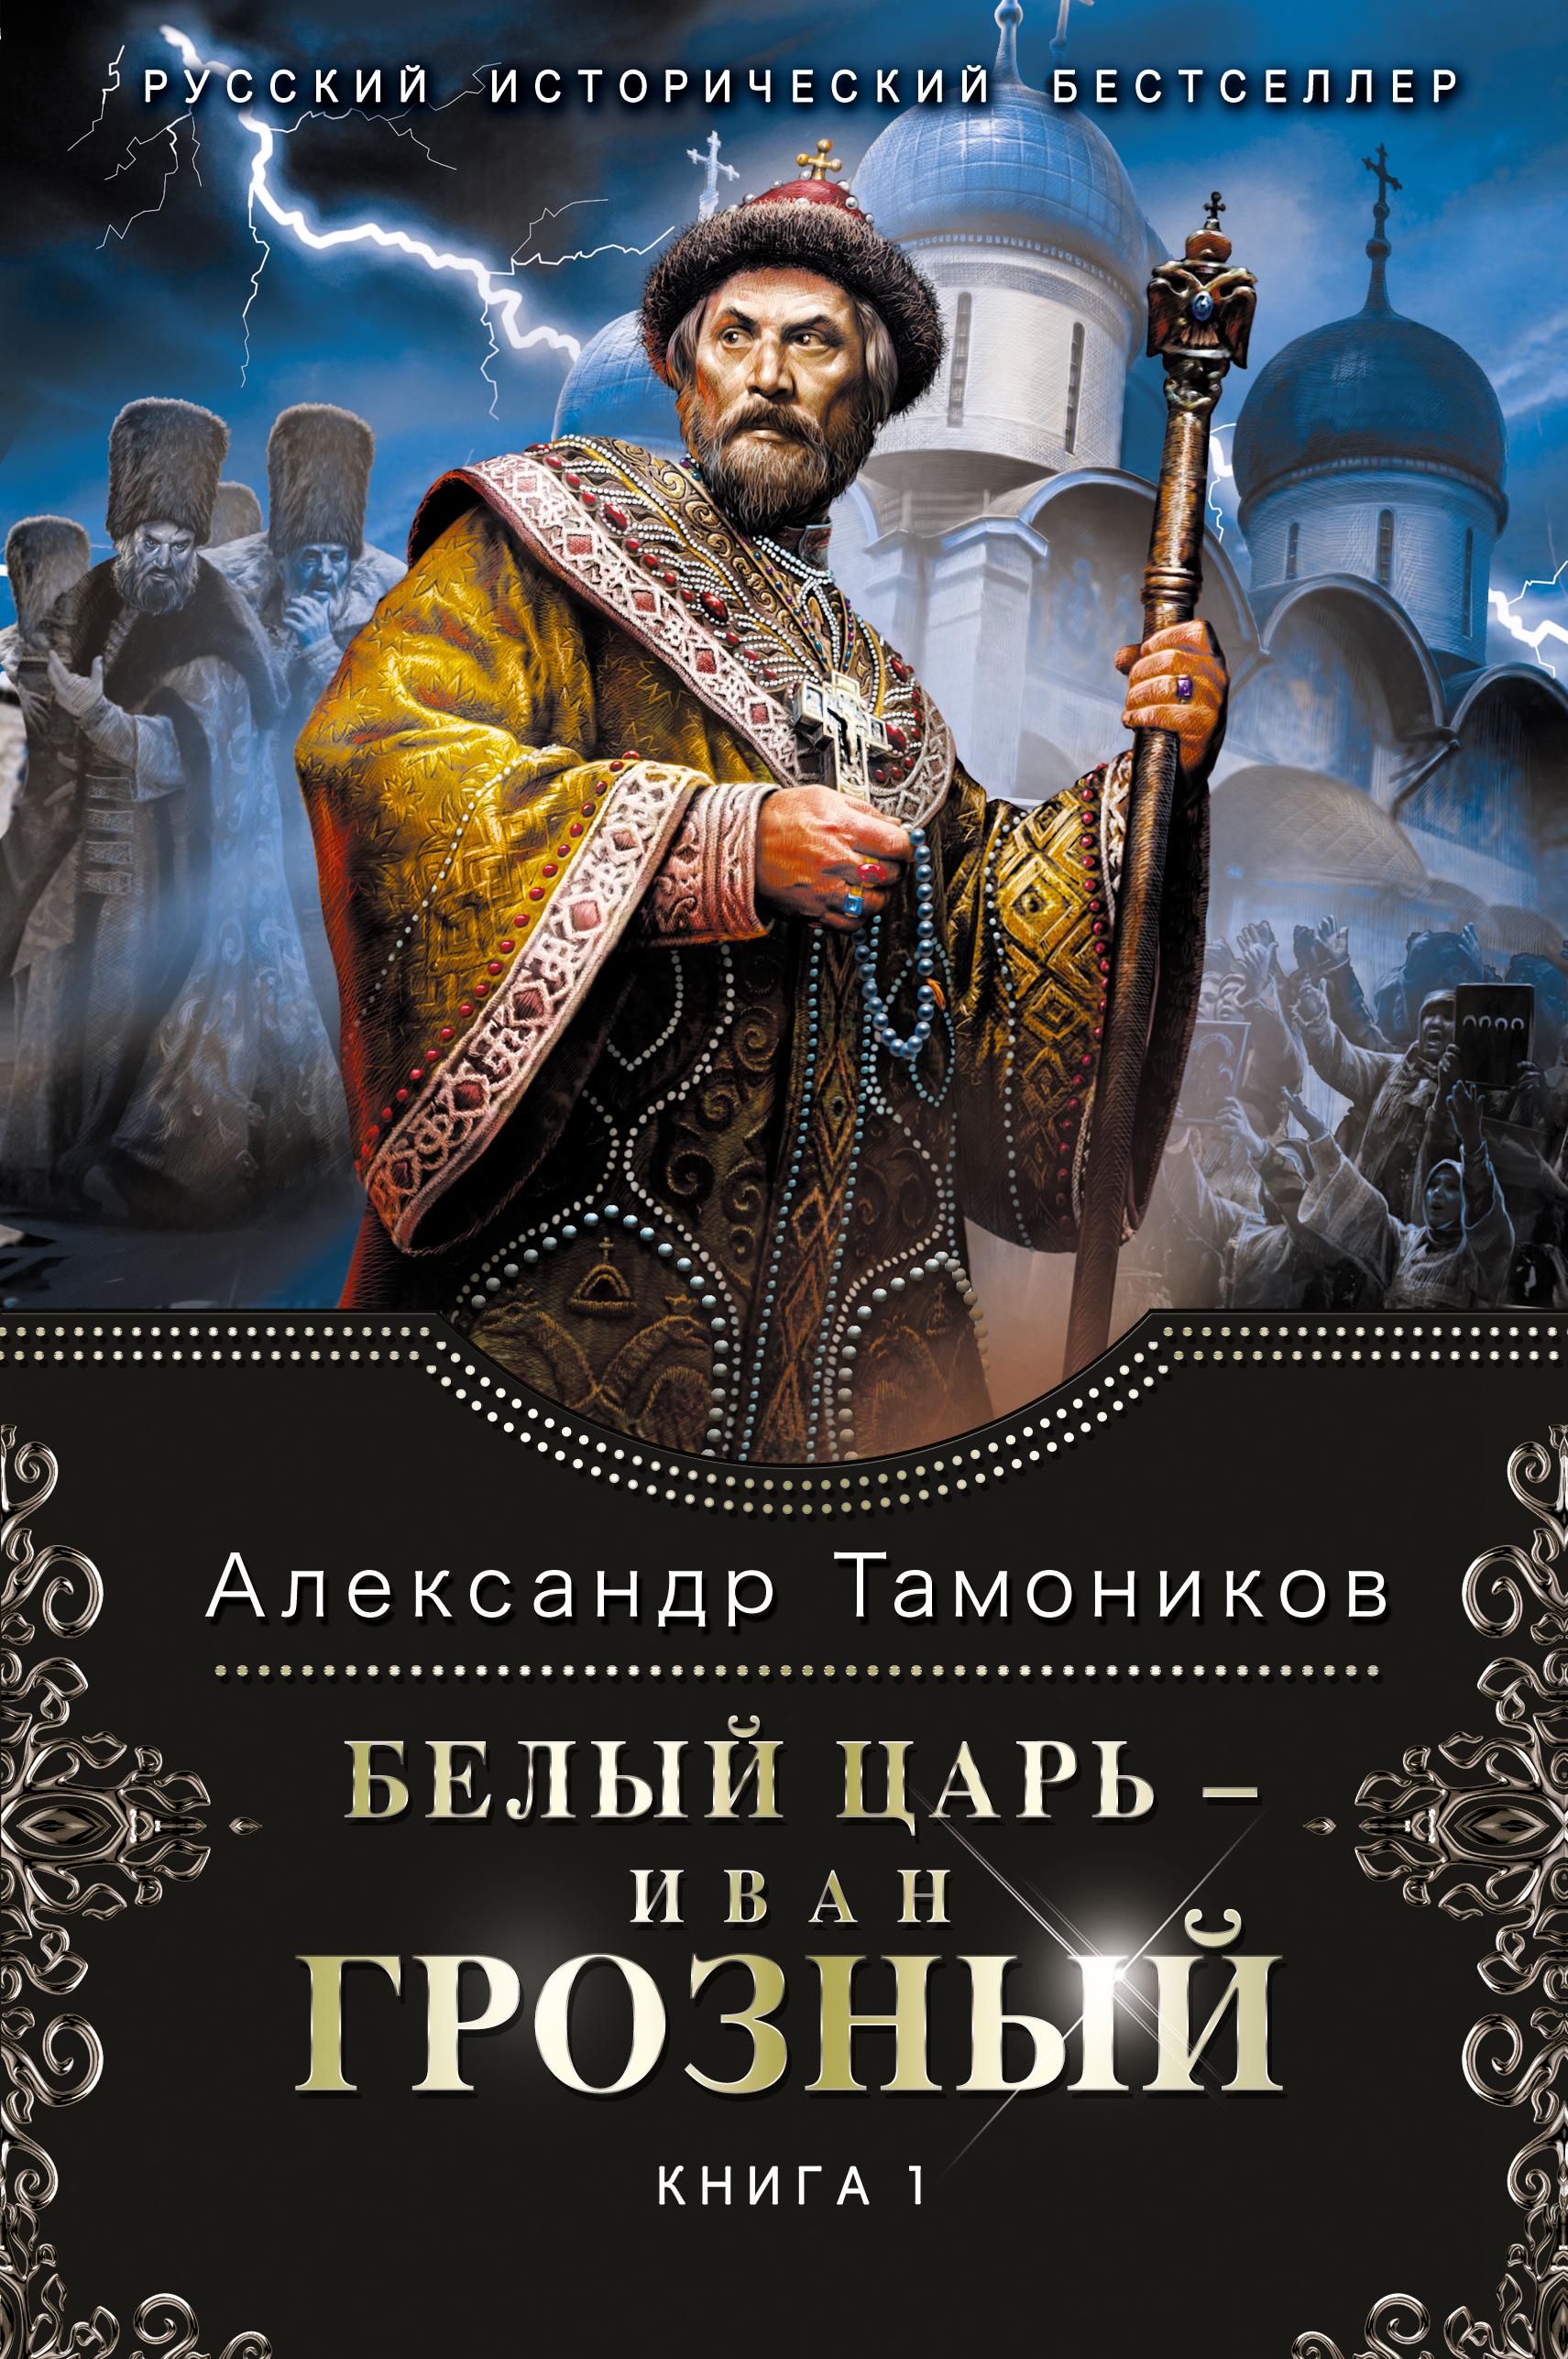 ТАМОНИКОВ БЕЛЫЙ ЦАРЬ ИВАН ГРОЗНЫЙ КНИГА 1 СКАЧАТЬ БЕСПЛАТНО